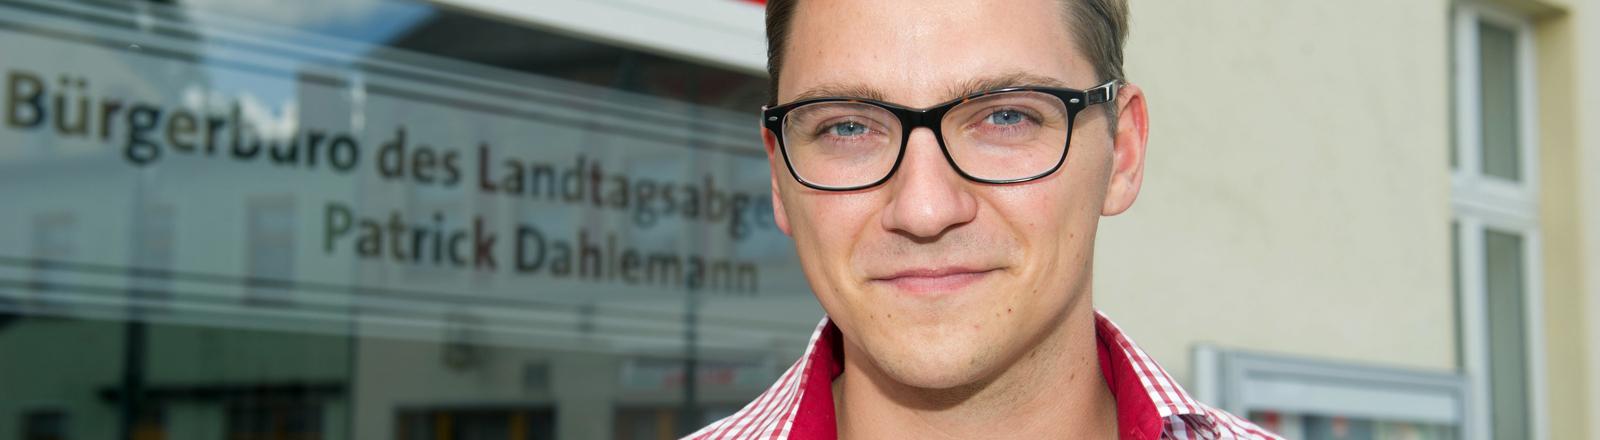 Patrick Dahlemann, Abgeordneter der SPD